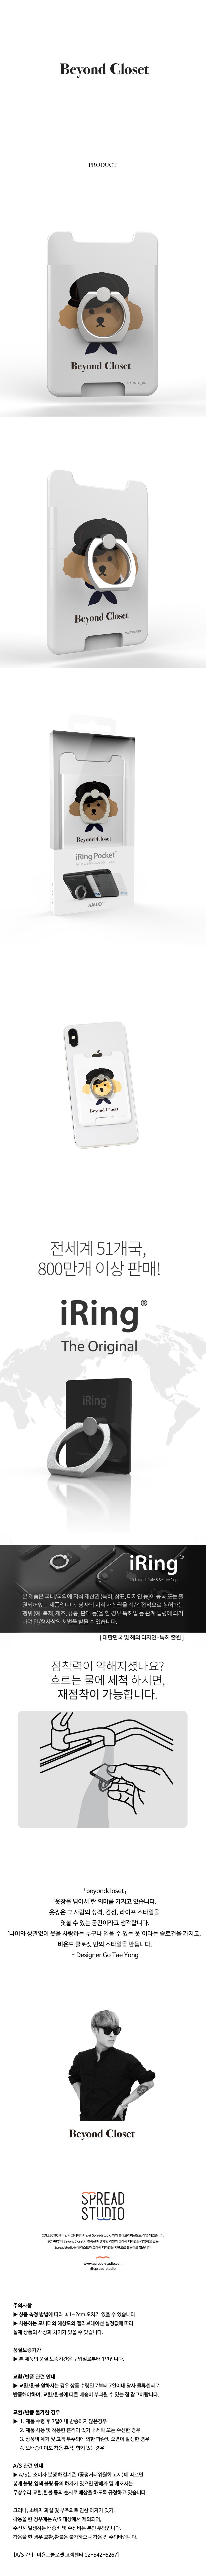 비욘드클로젯(BEYOND CLOSET) P-시그니처 로고 아이링 포켓